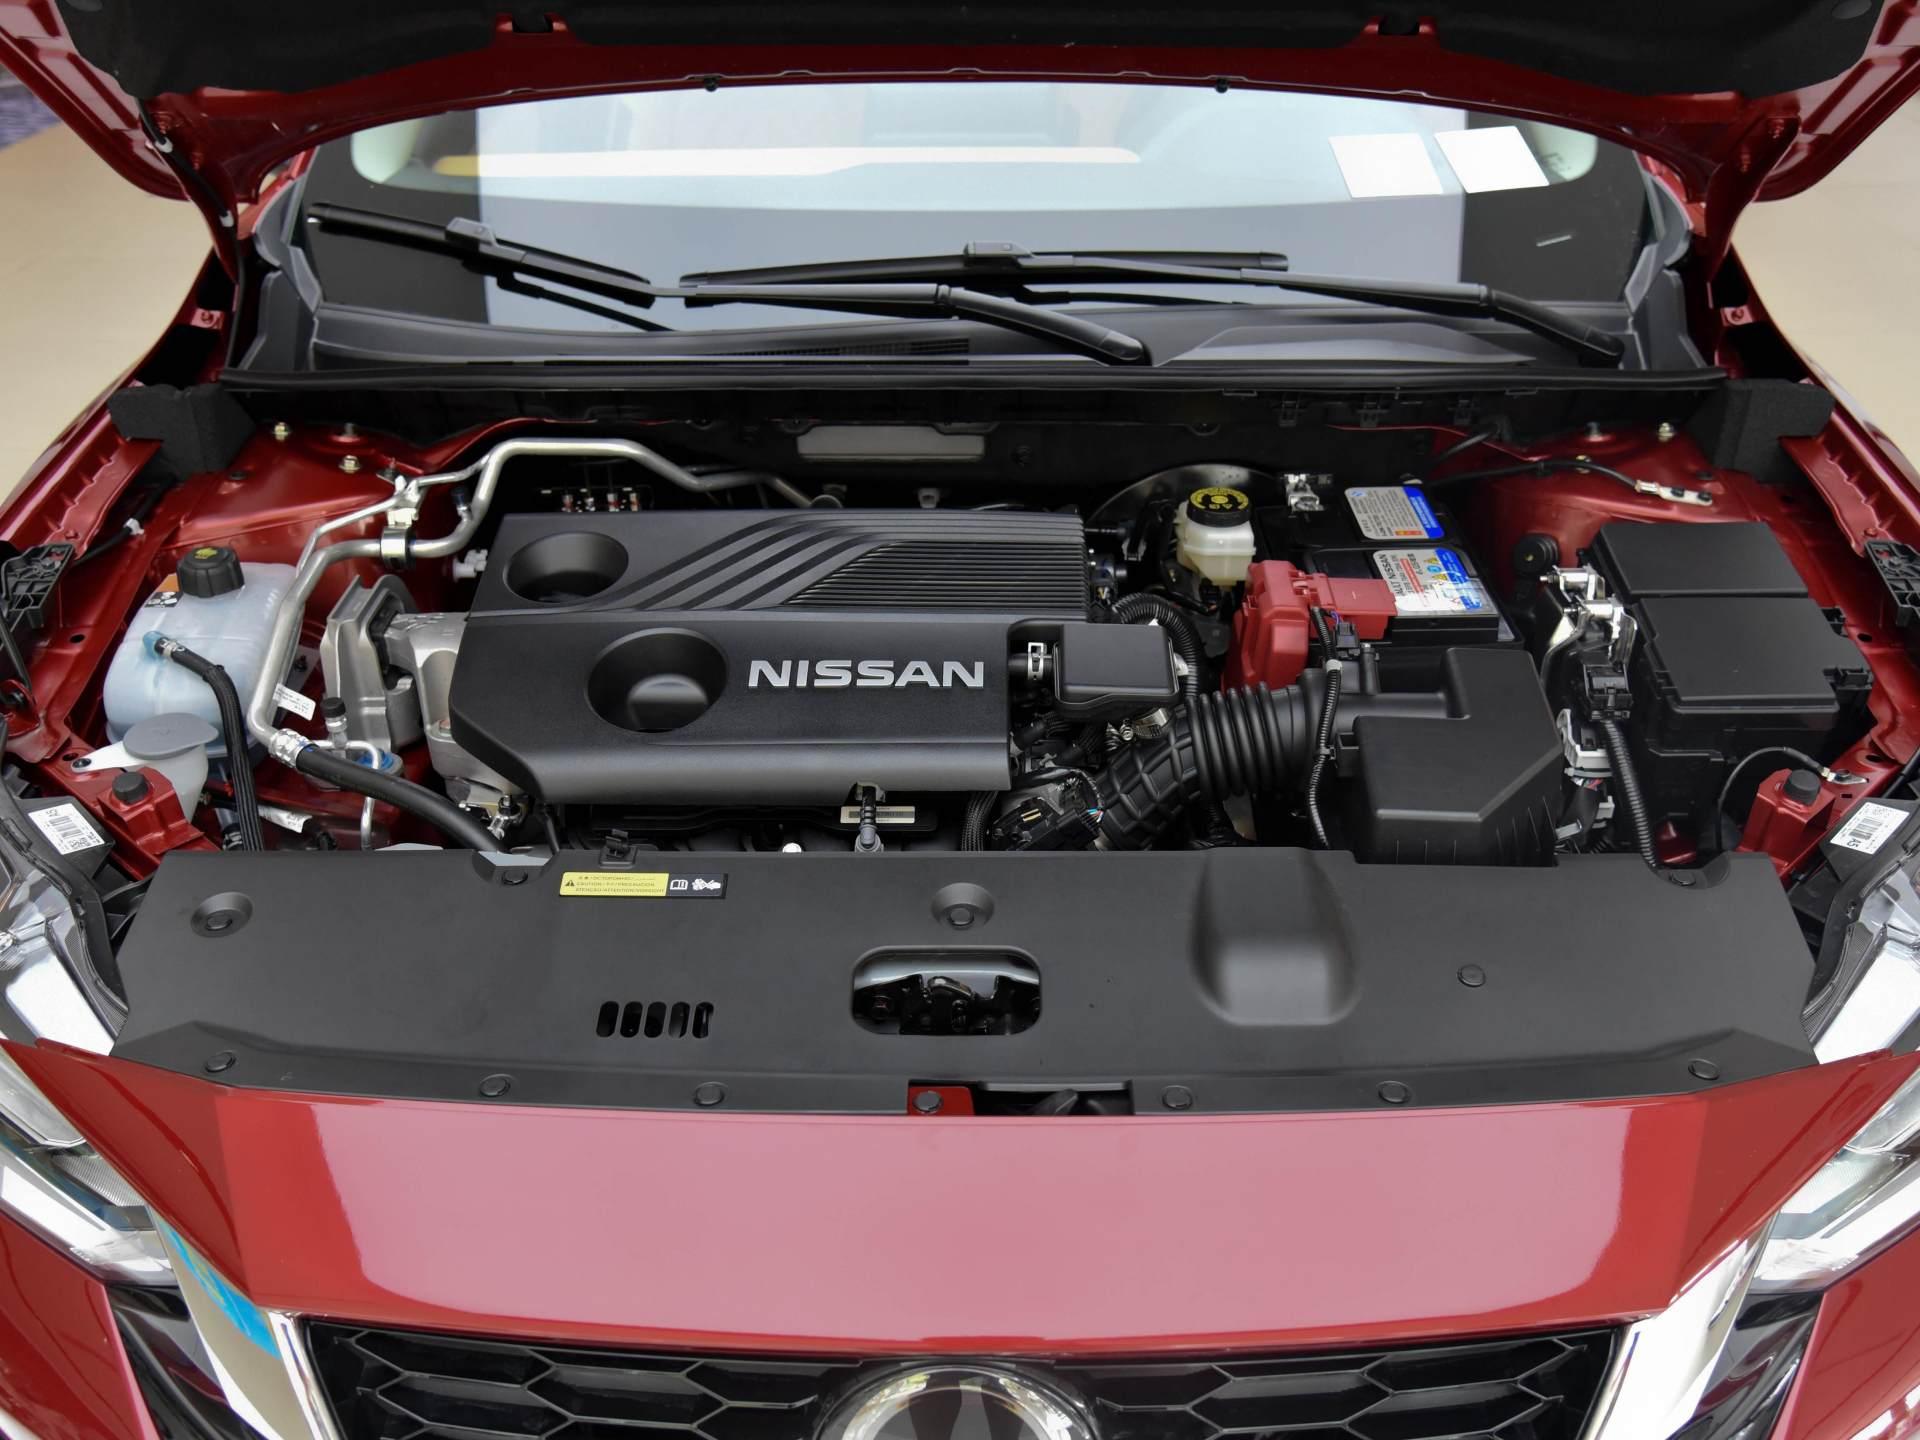 日產親民傢轎,軸距2712mm,1.6L+CVT售10萬起,配置不輸朗逸!-圖7